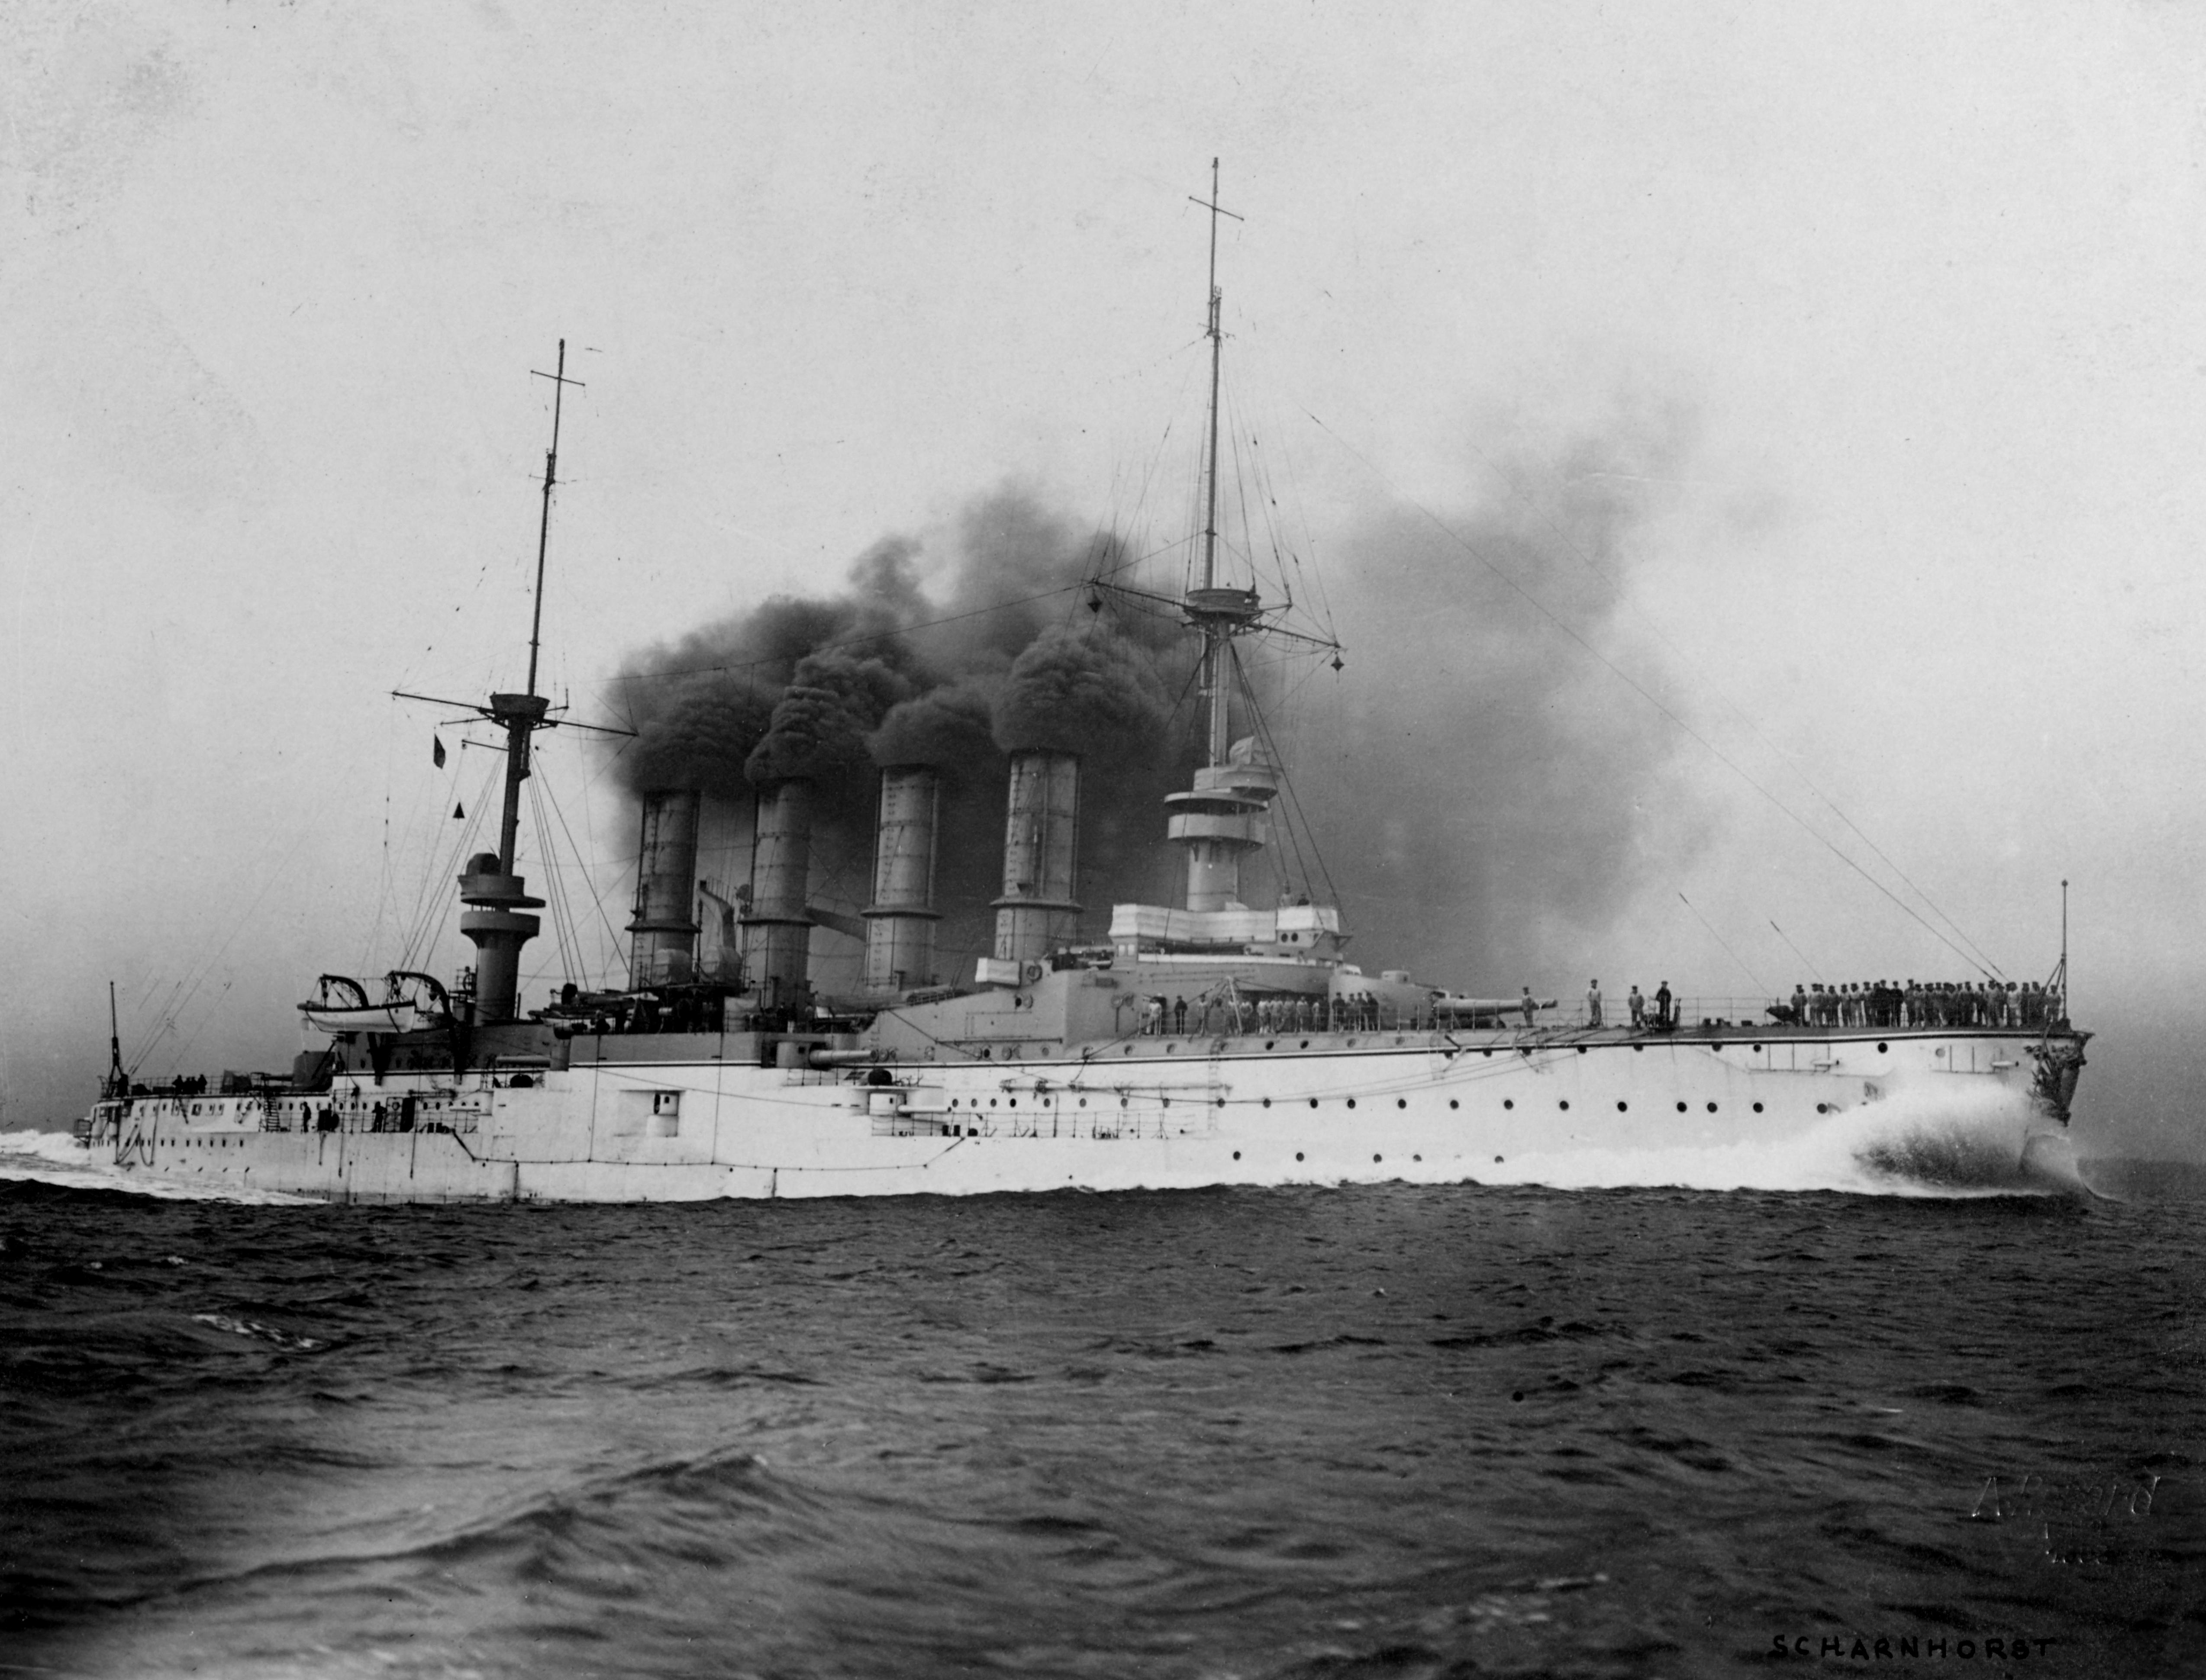 Depiction of SMS Scharnhorst